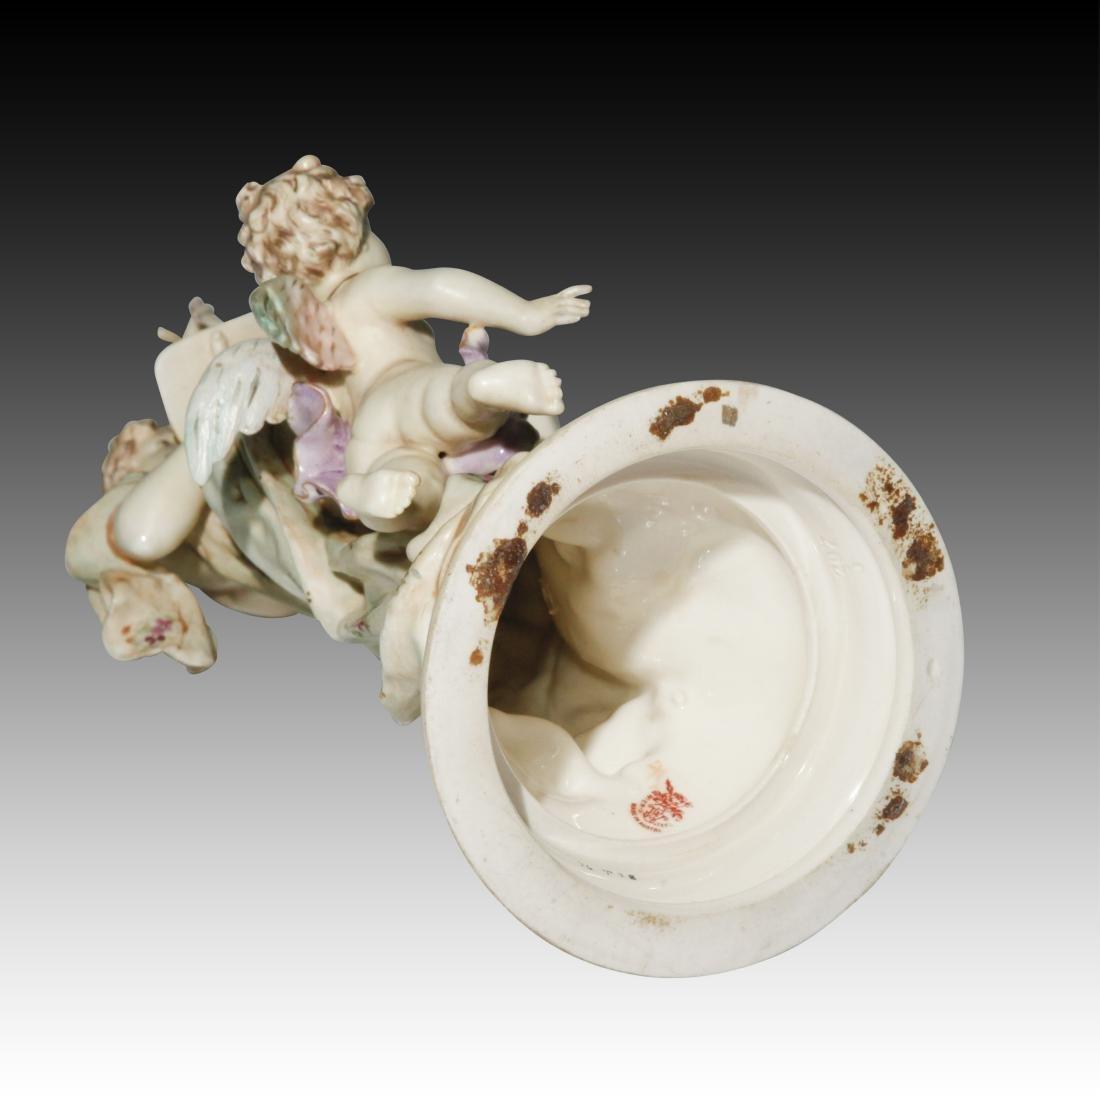 Wein Nude Goddess Figurine with Cherub - 4